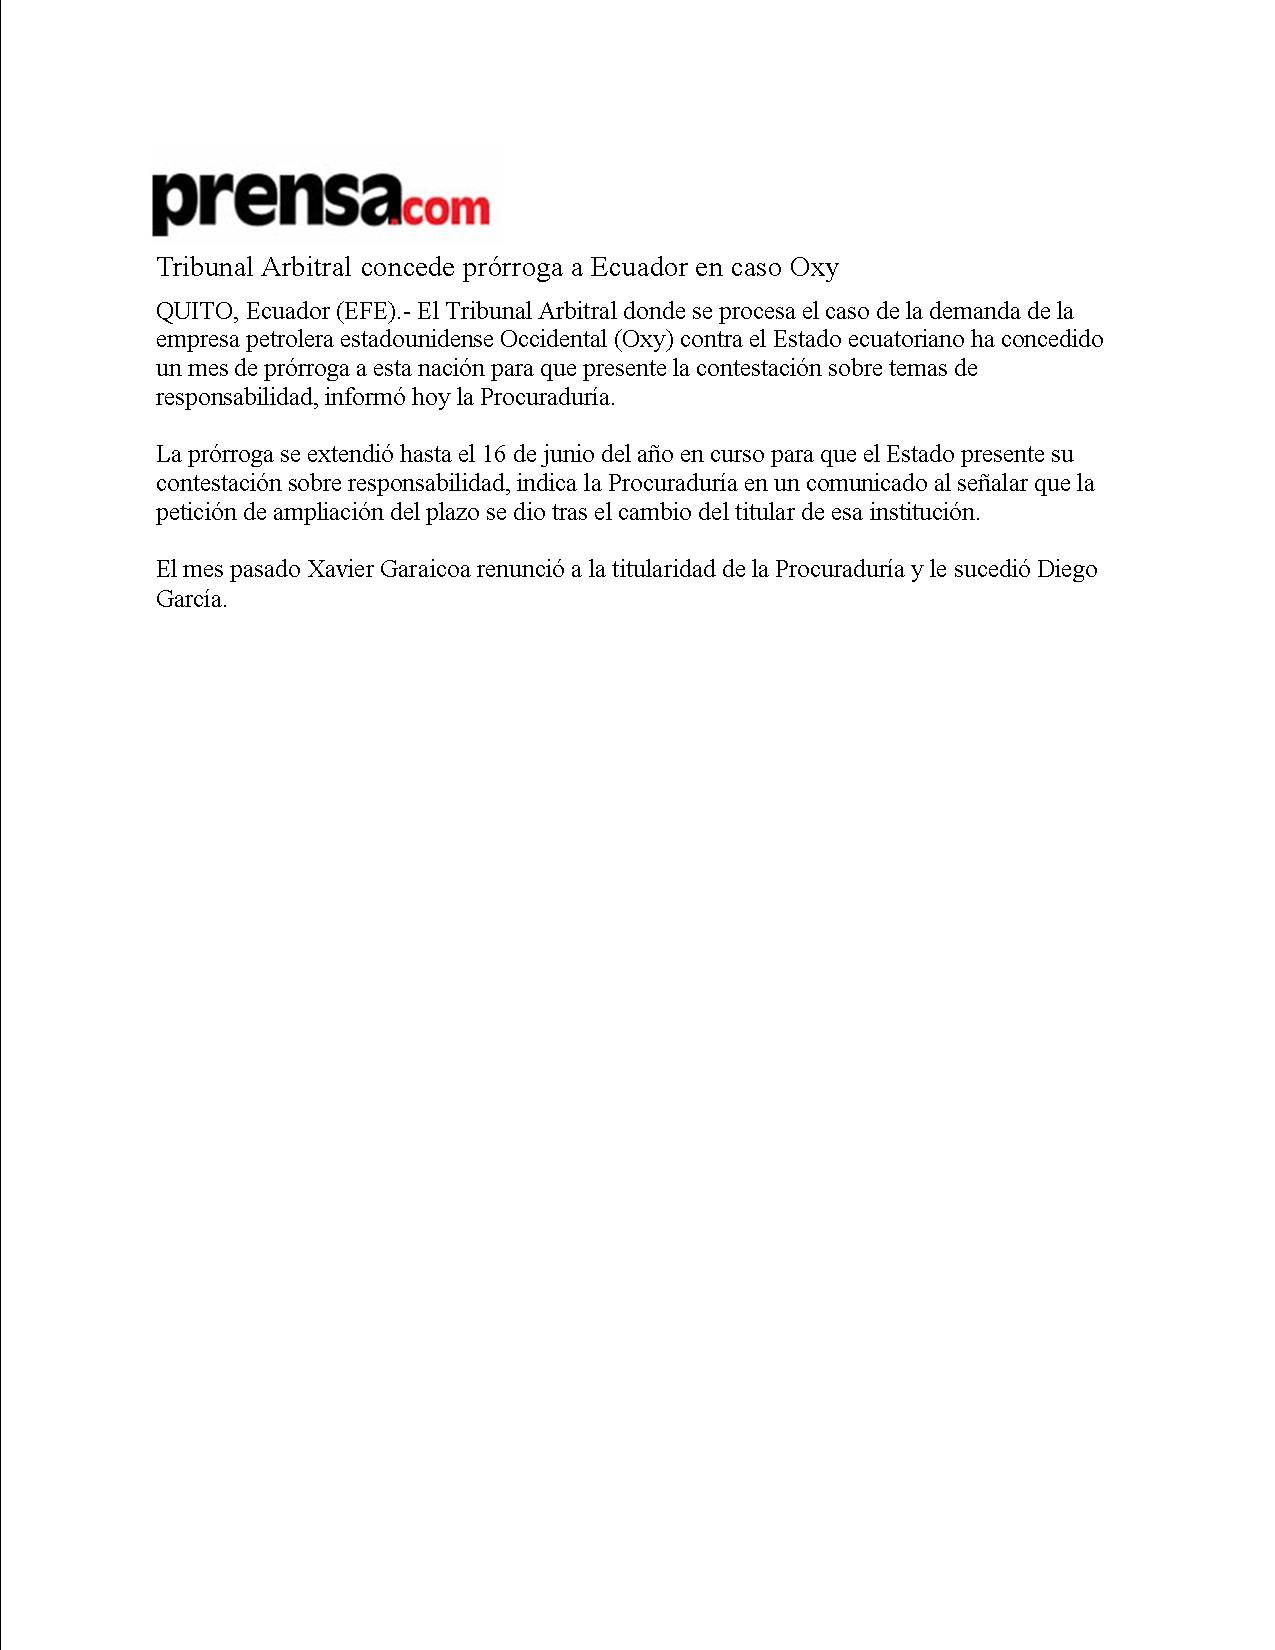 4-2008-05-08-Prensa